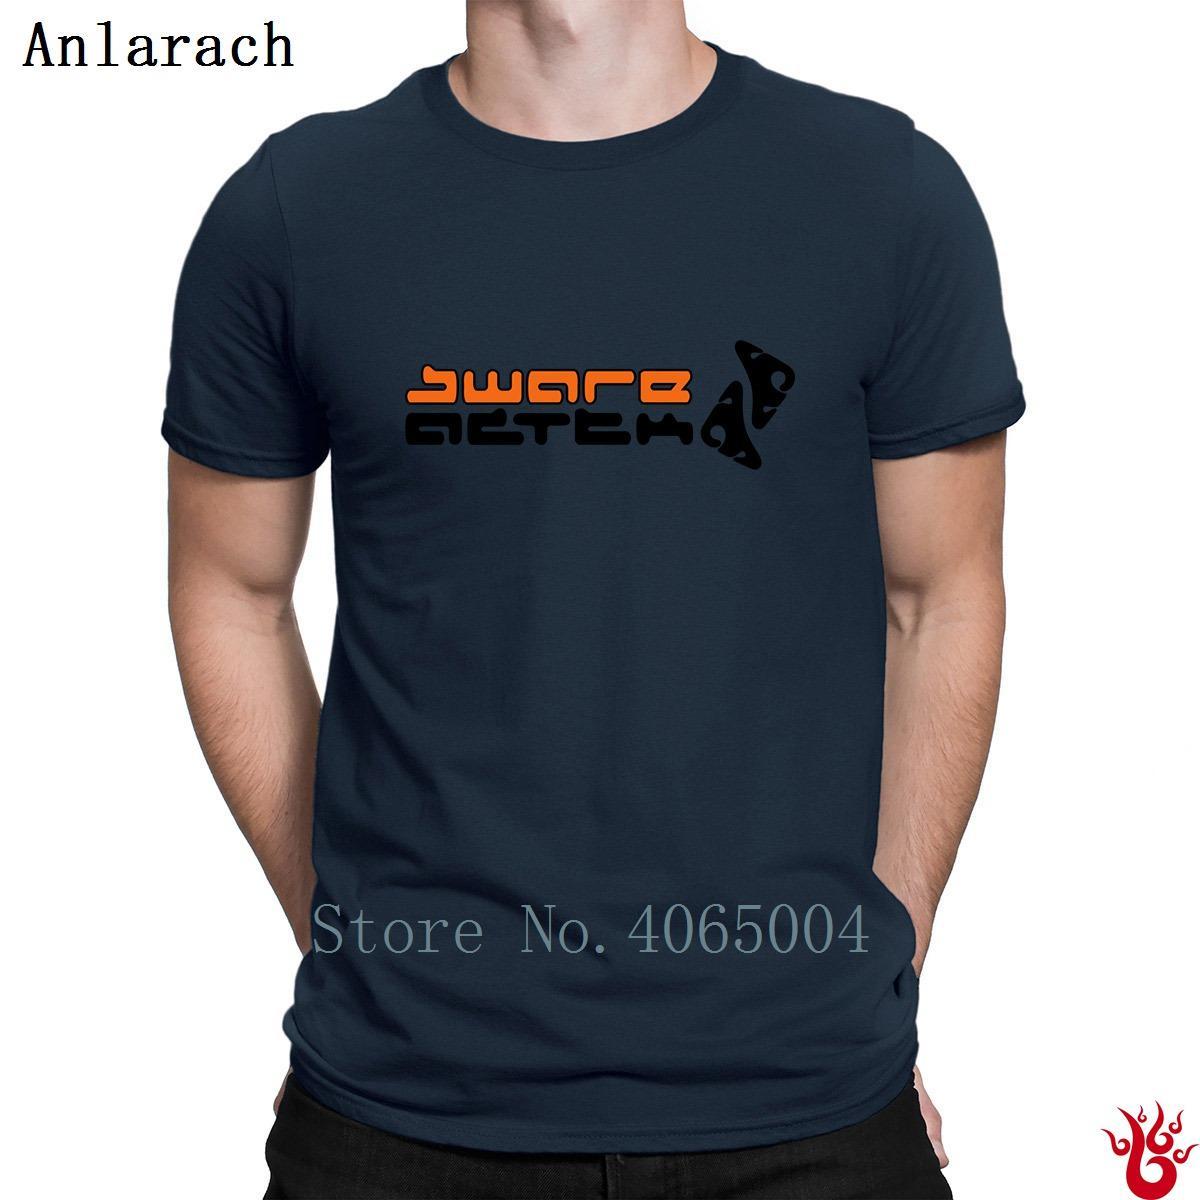 Sware T-shirts Nouveauté imprimé Hiphop Top 100% T-shirt Pour Kawaii Anti-rides Automne Printemps Homme S-3XL authentique